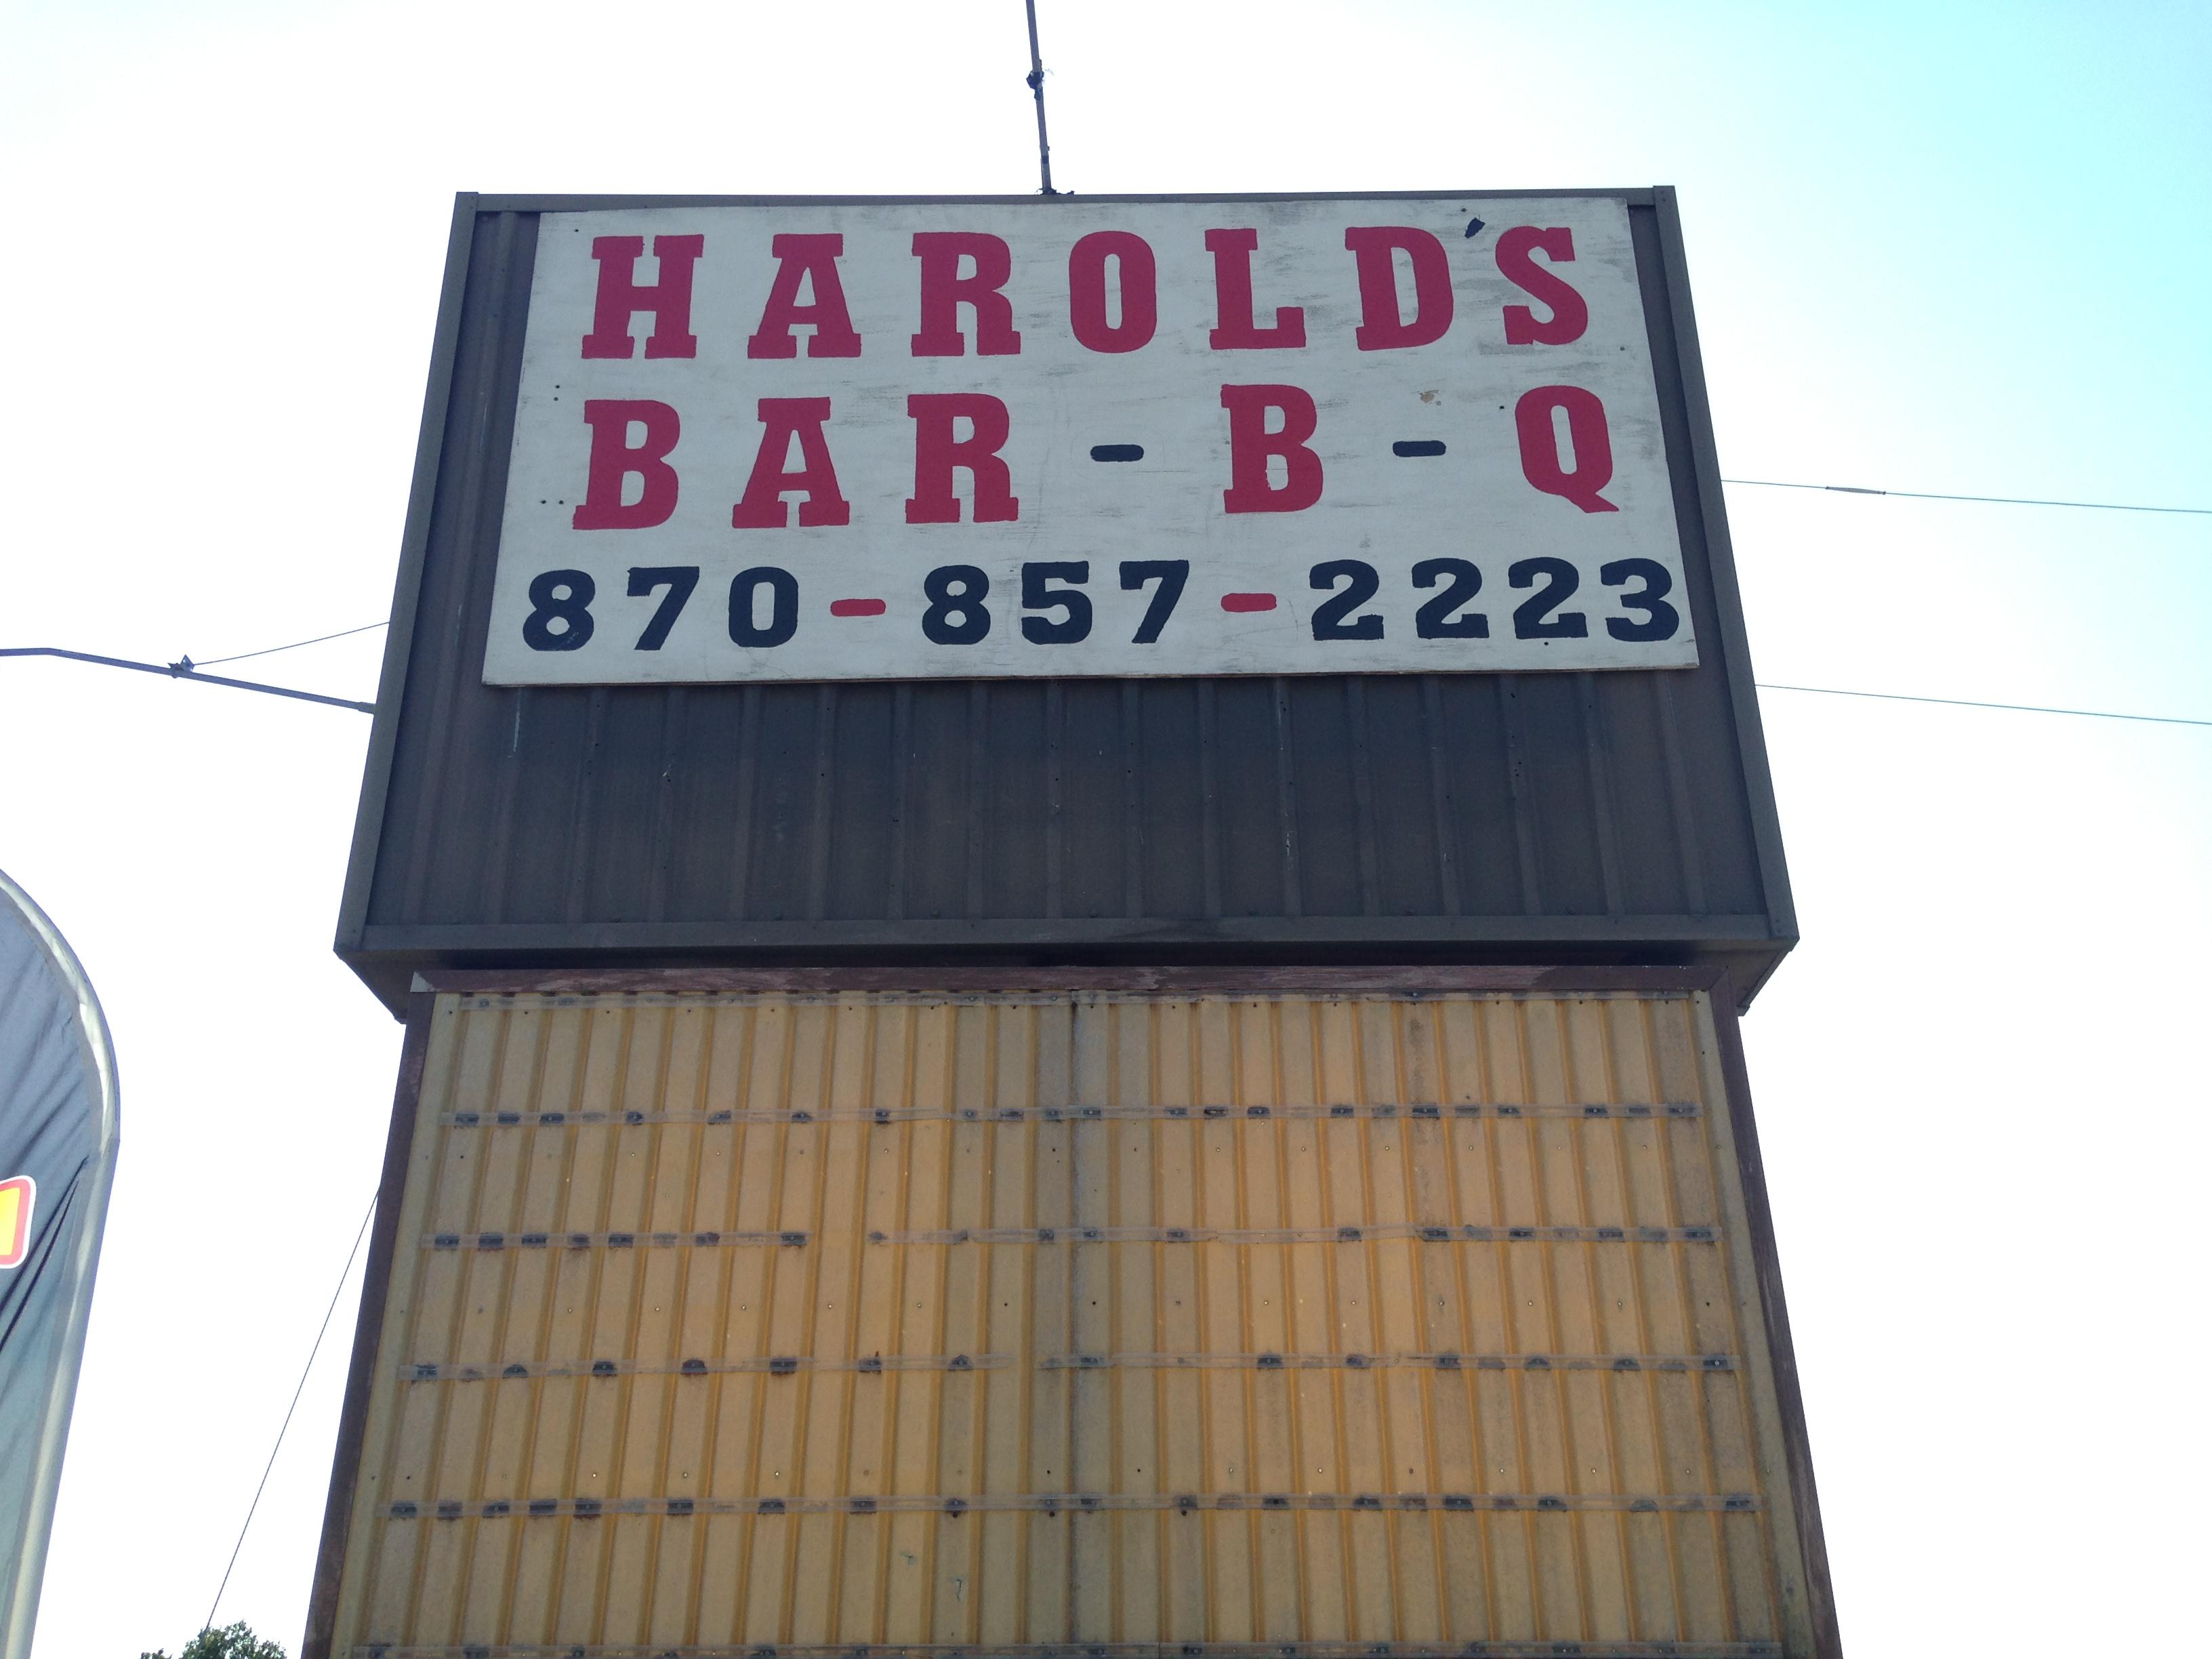 HAROLD'S BAR-B-Q